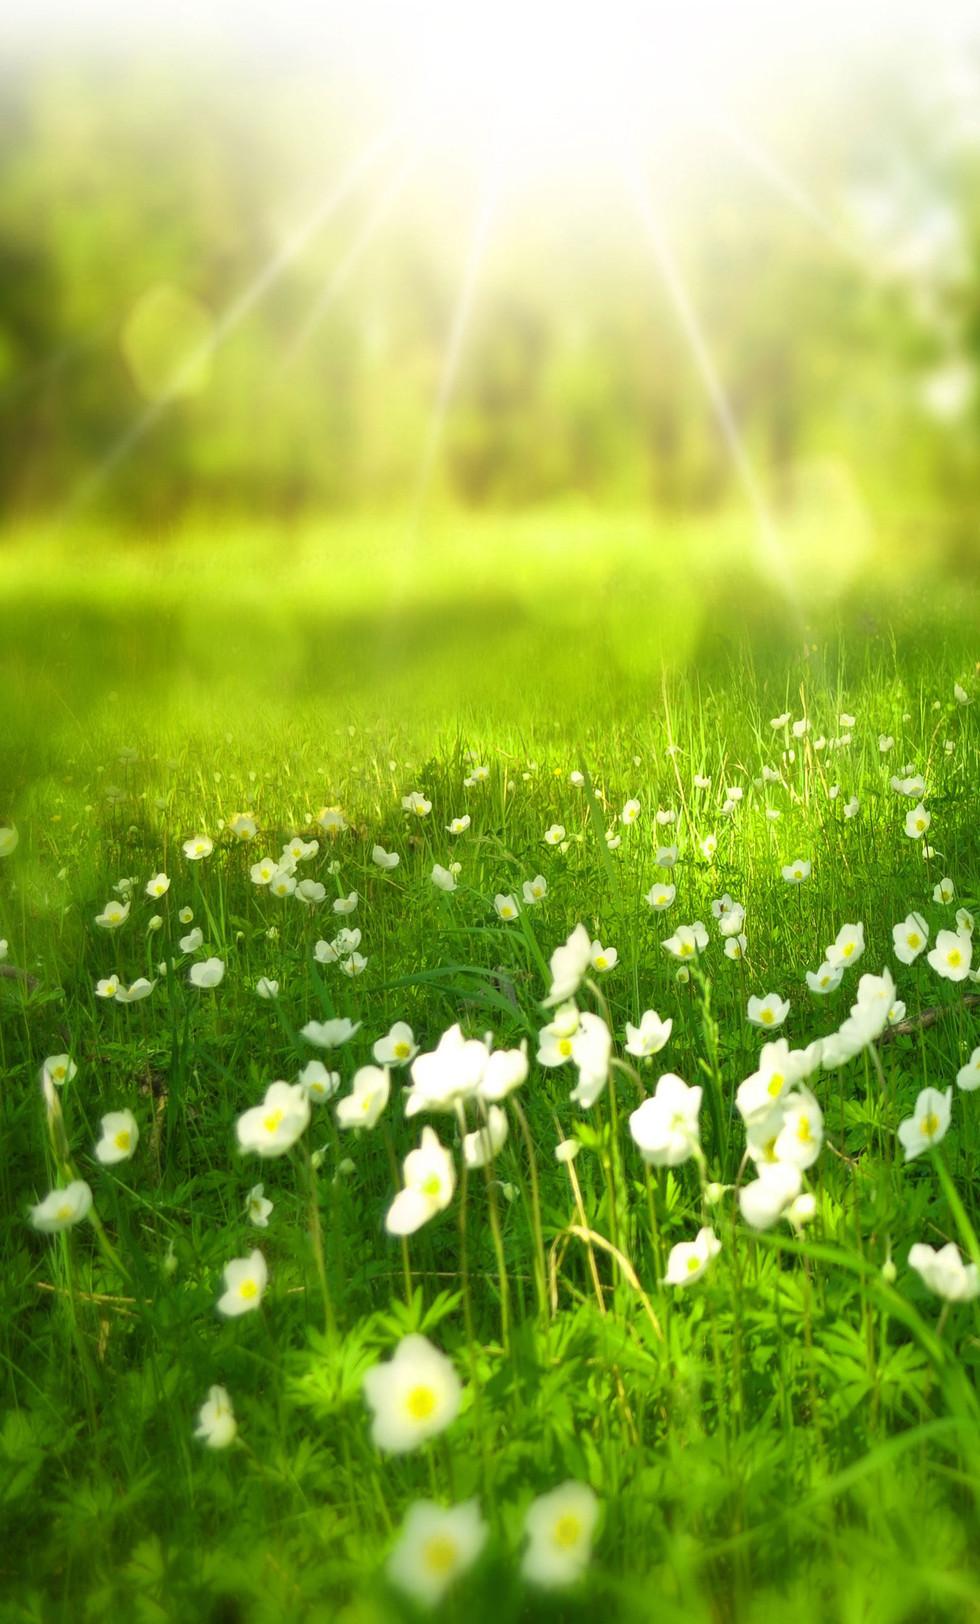 grasslong2.jpg